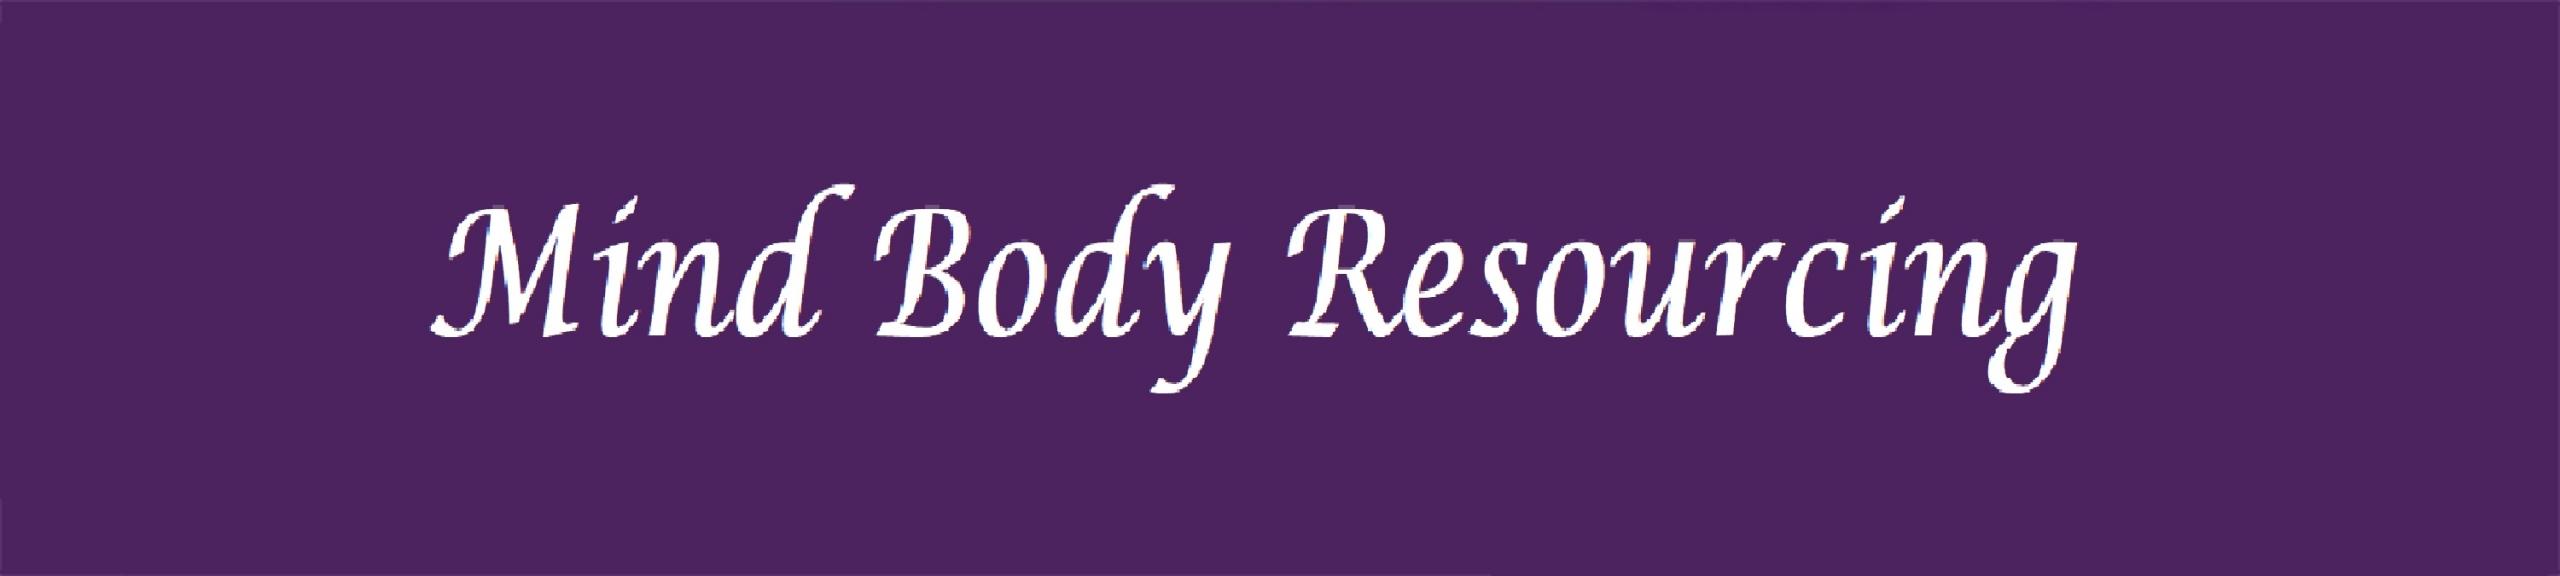 Mind Body Resourcing